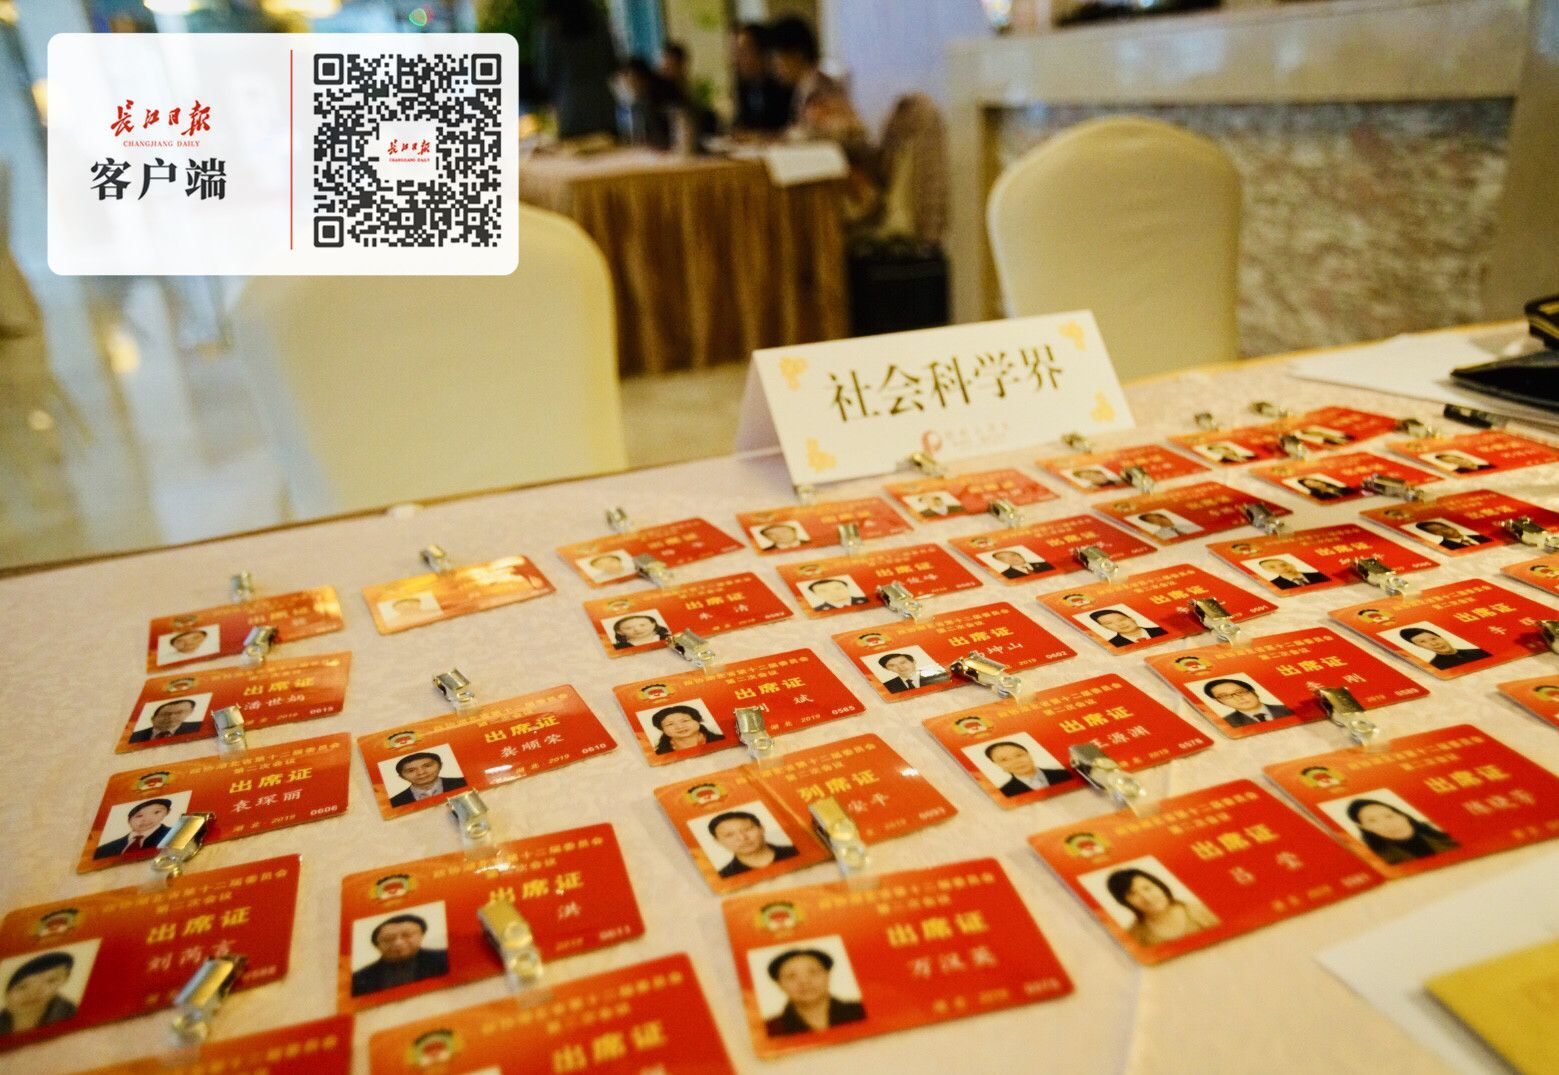 1月12日,参加政协湖北省第十二届委员会第二次会议的委员开始报到。 图为省政协委员报到现场。记者何晓刚 摄